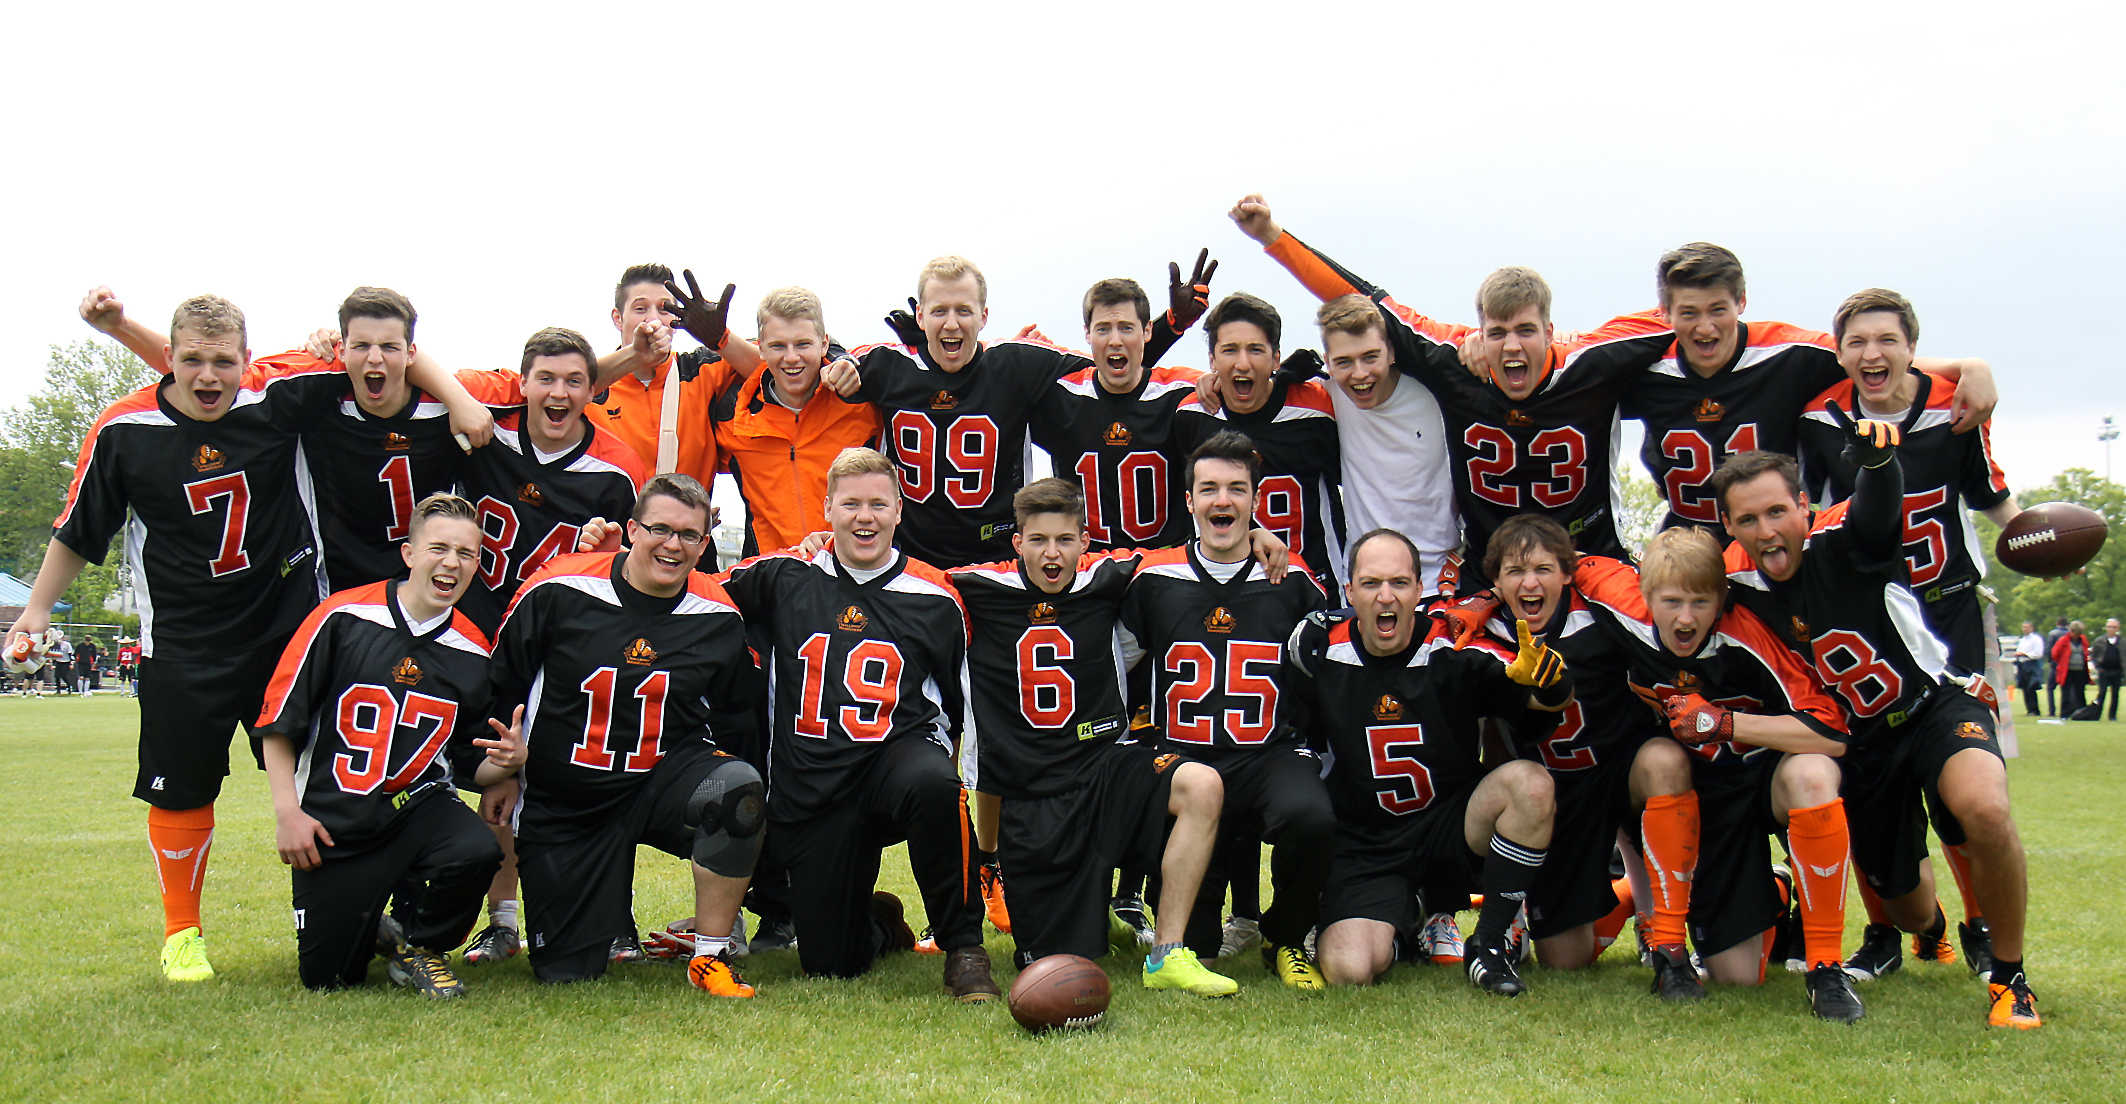 Ein Team - die Walldorf Wanderers.